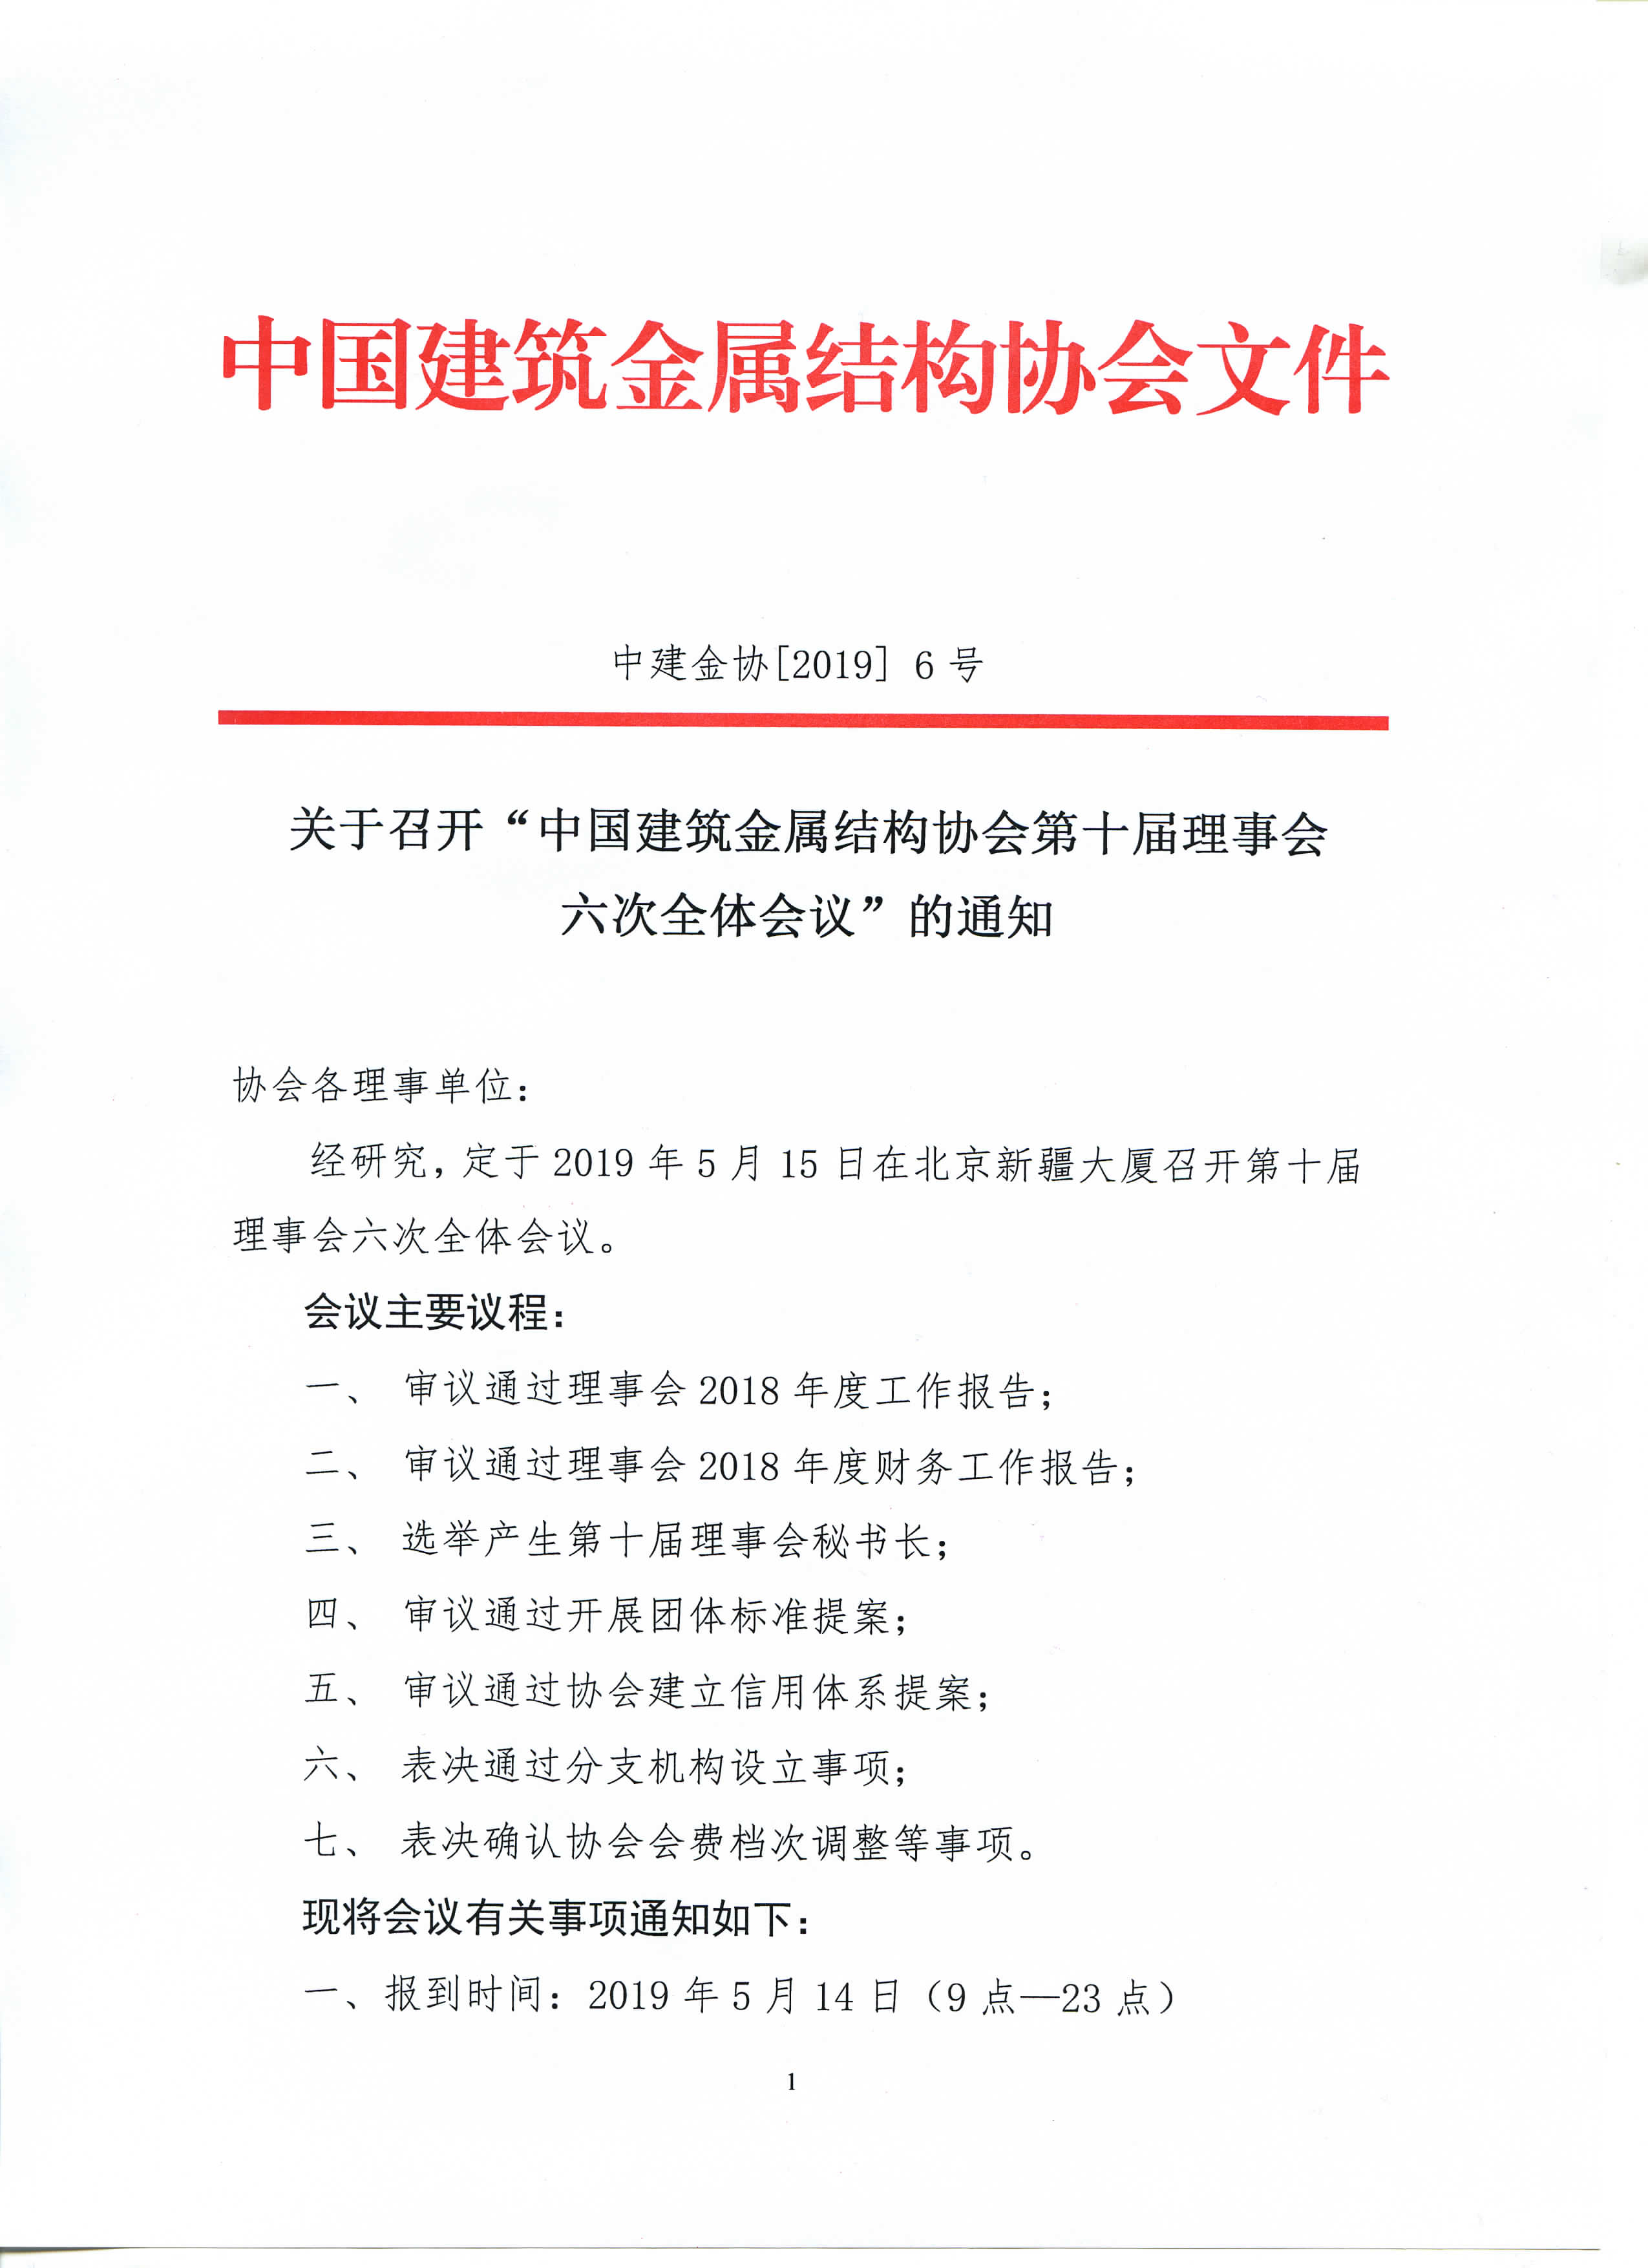 理事会通知_页面_1.jpg